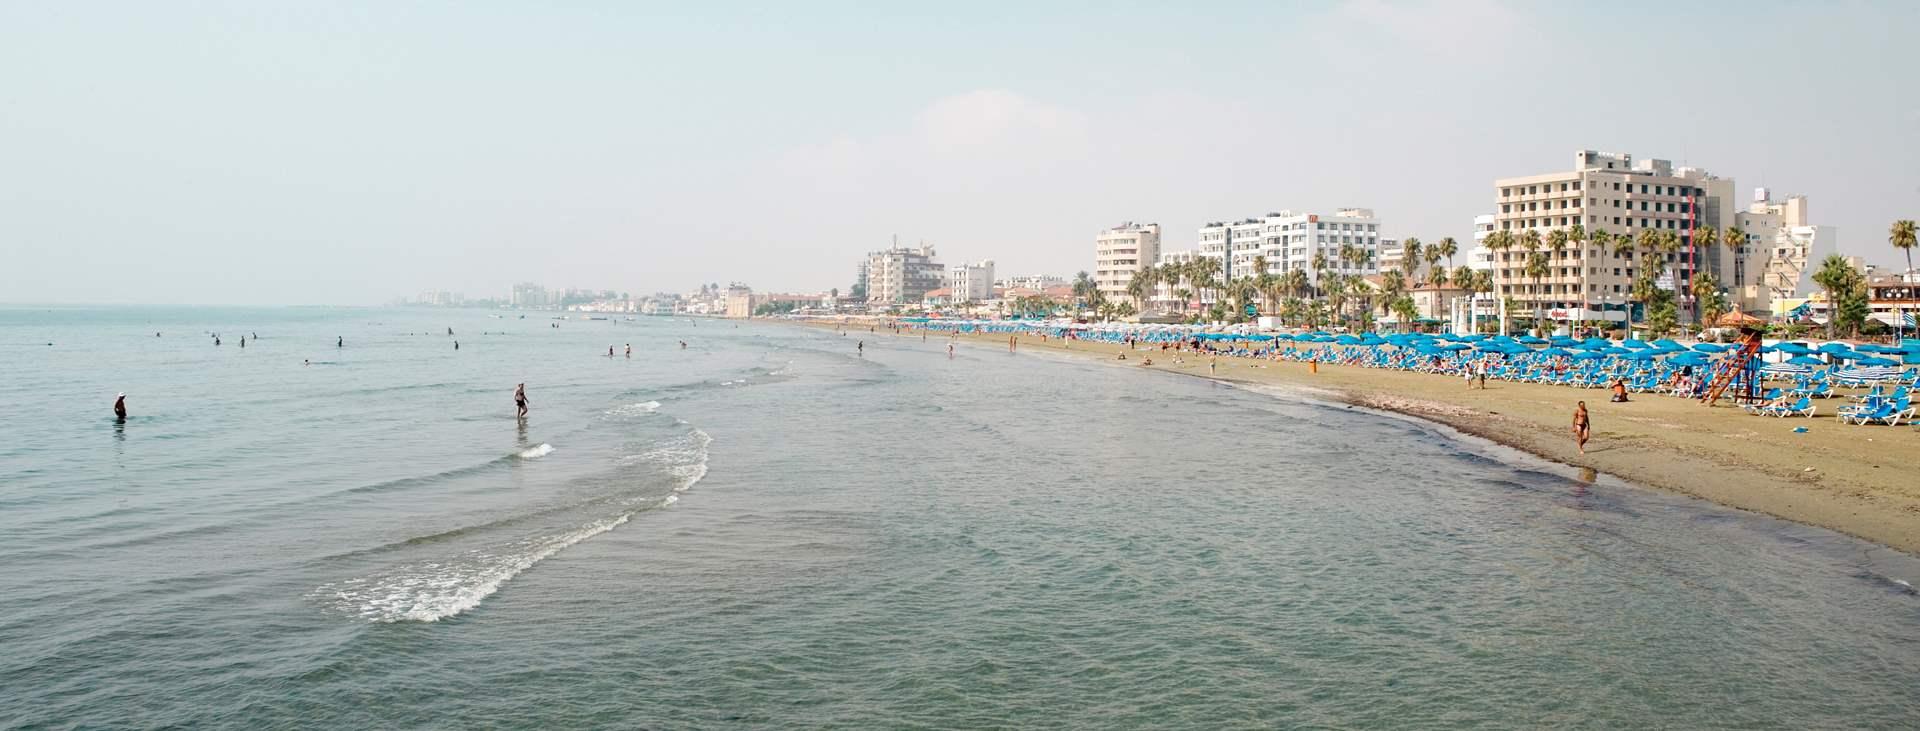 Varaa matka Larnakaan, Kyprokselle Tjäreborgilta